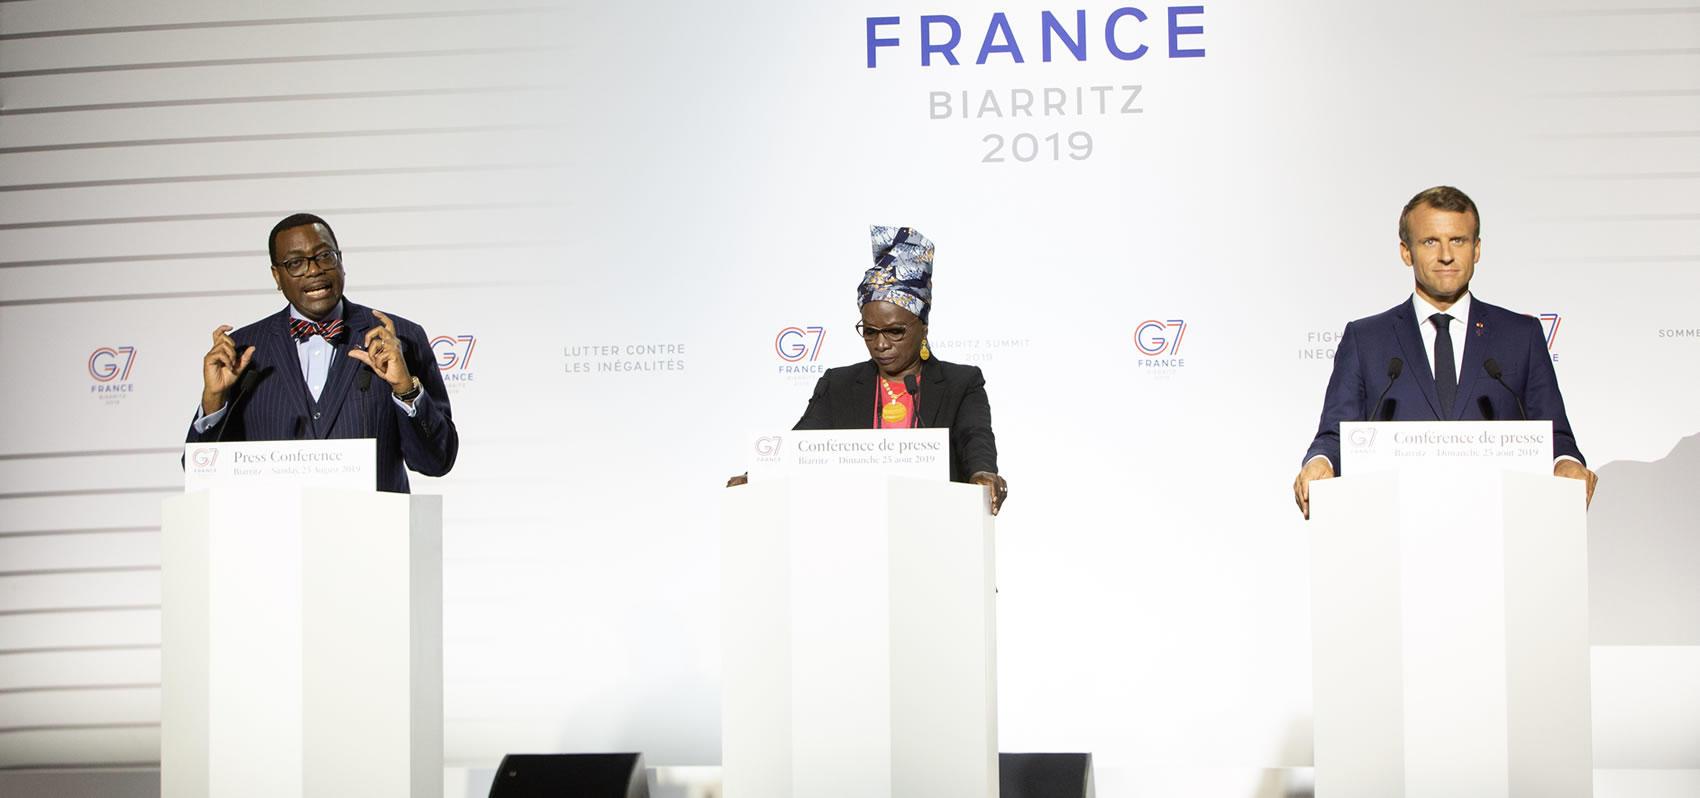 Le G7 prête 251 millions $ à la BAD pour soutenir l'entreprenariat féminin en Afrique